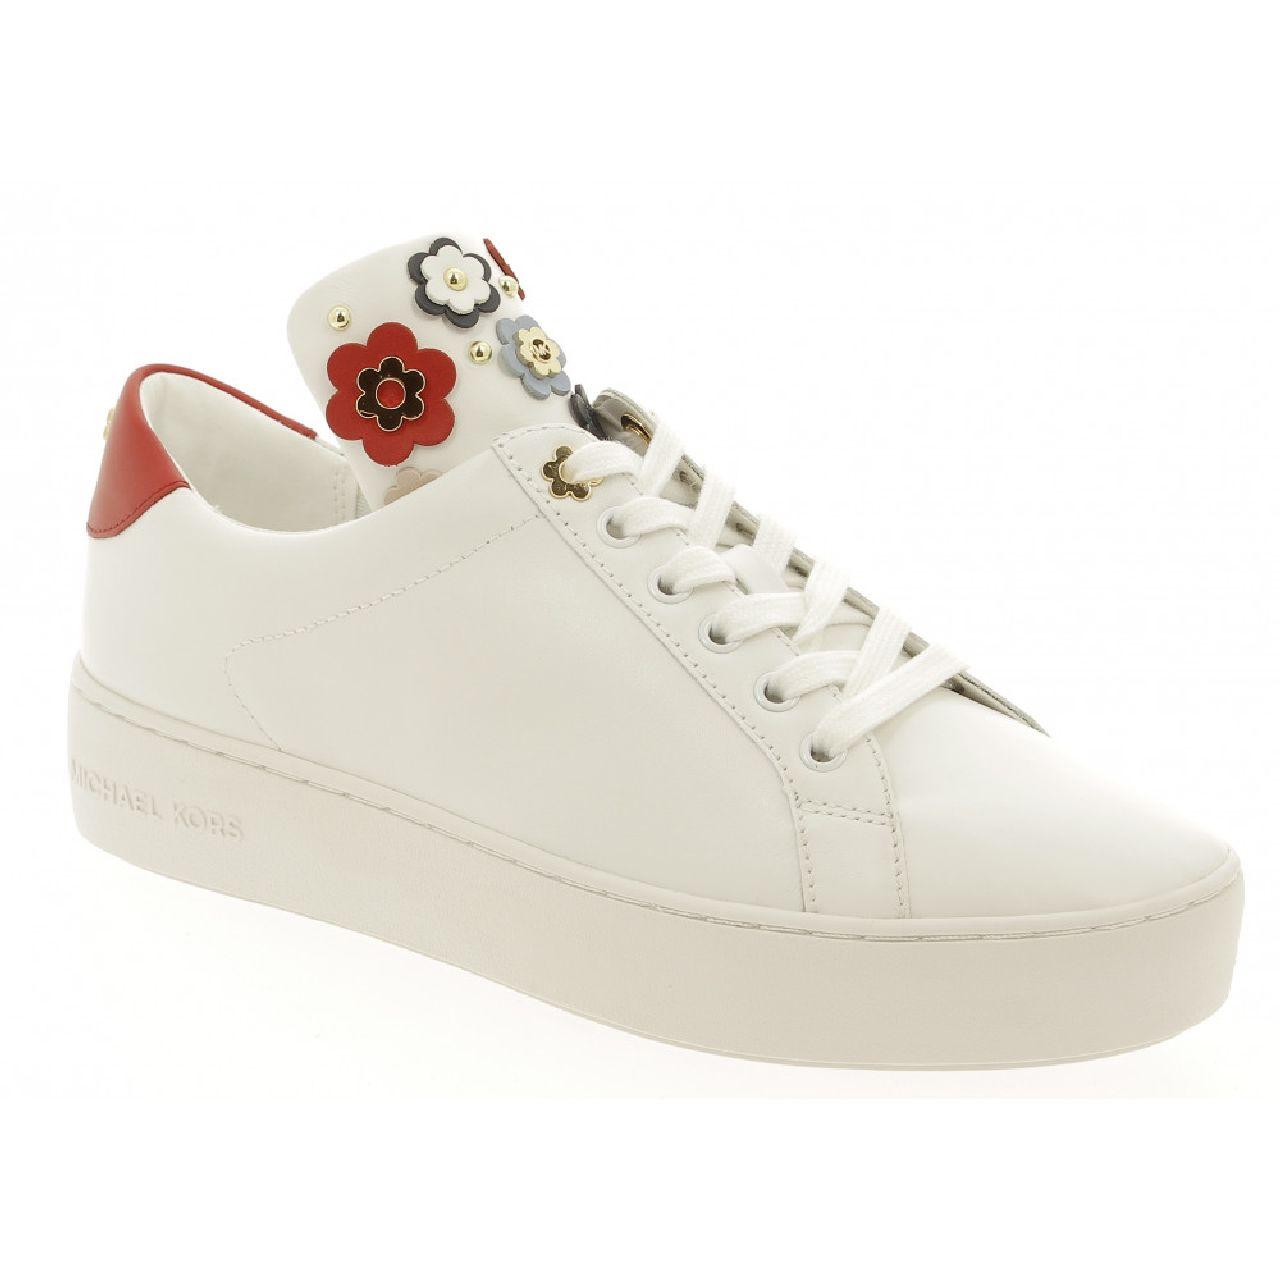 Sneakers dames Michael Kors